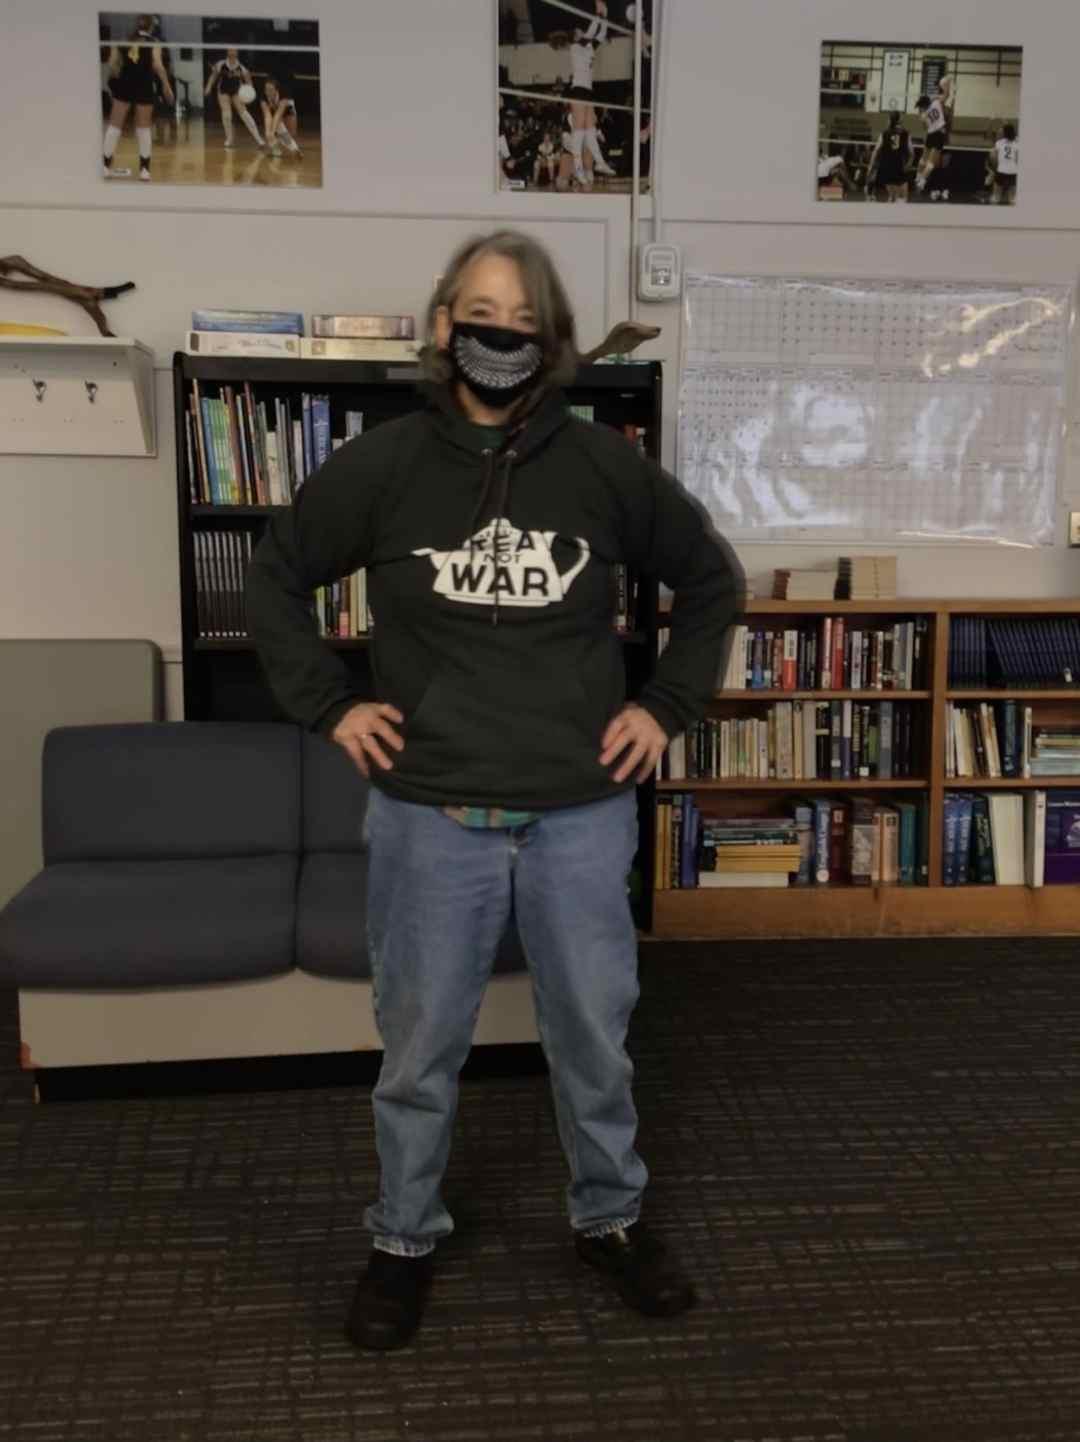 Make Tea Not War - Photo of author in her tea sweatshirt